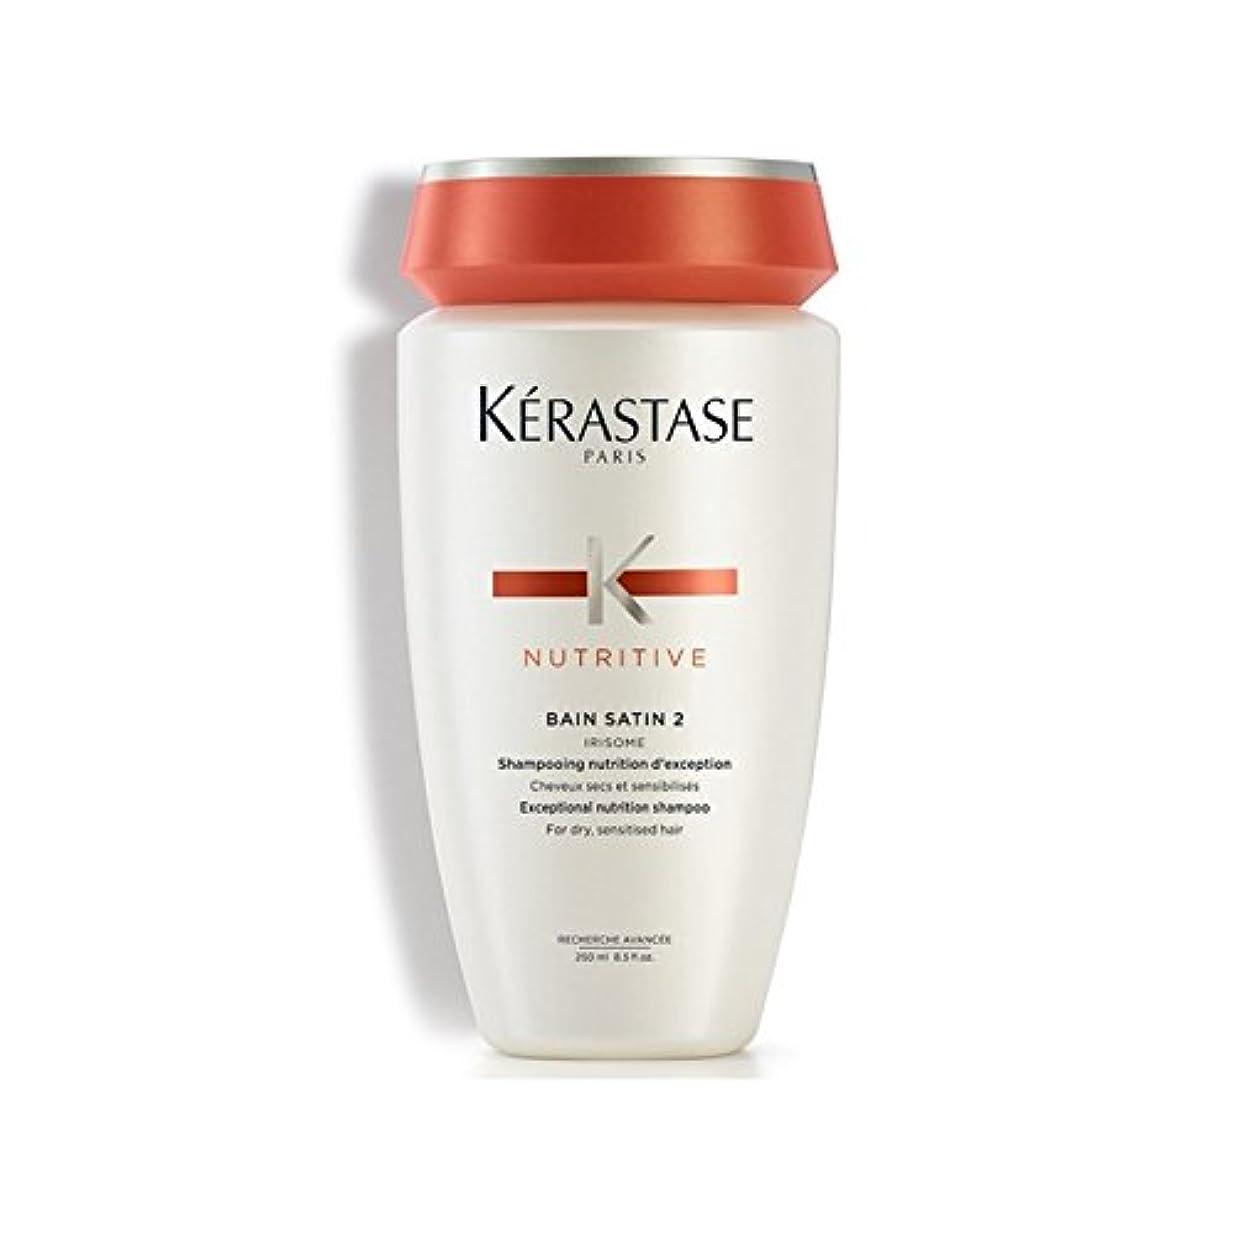 学校教育ヘビブリードK?rastase Nutritive Bain Satin 2 250ml (Pack of 6) - ケラスターゼ栄養ベインサテン2 250ミリリットル x6 [並行輸入品]